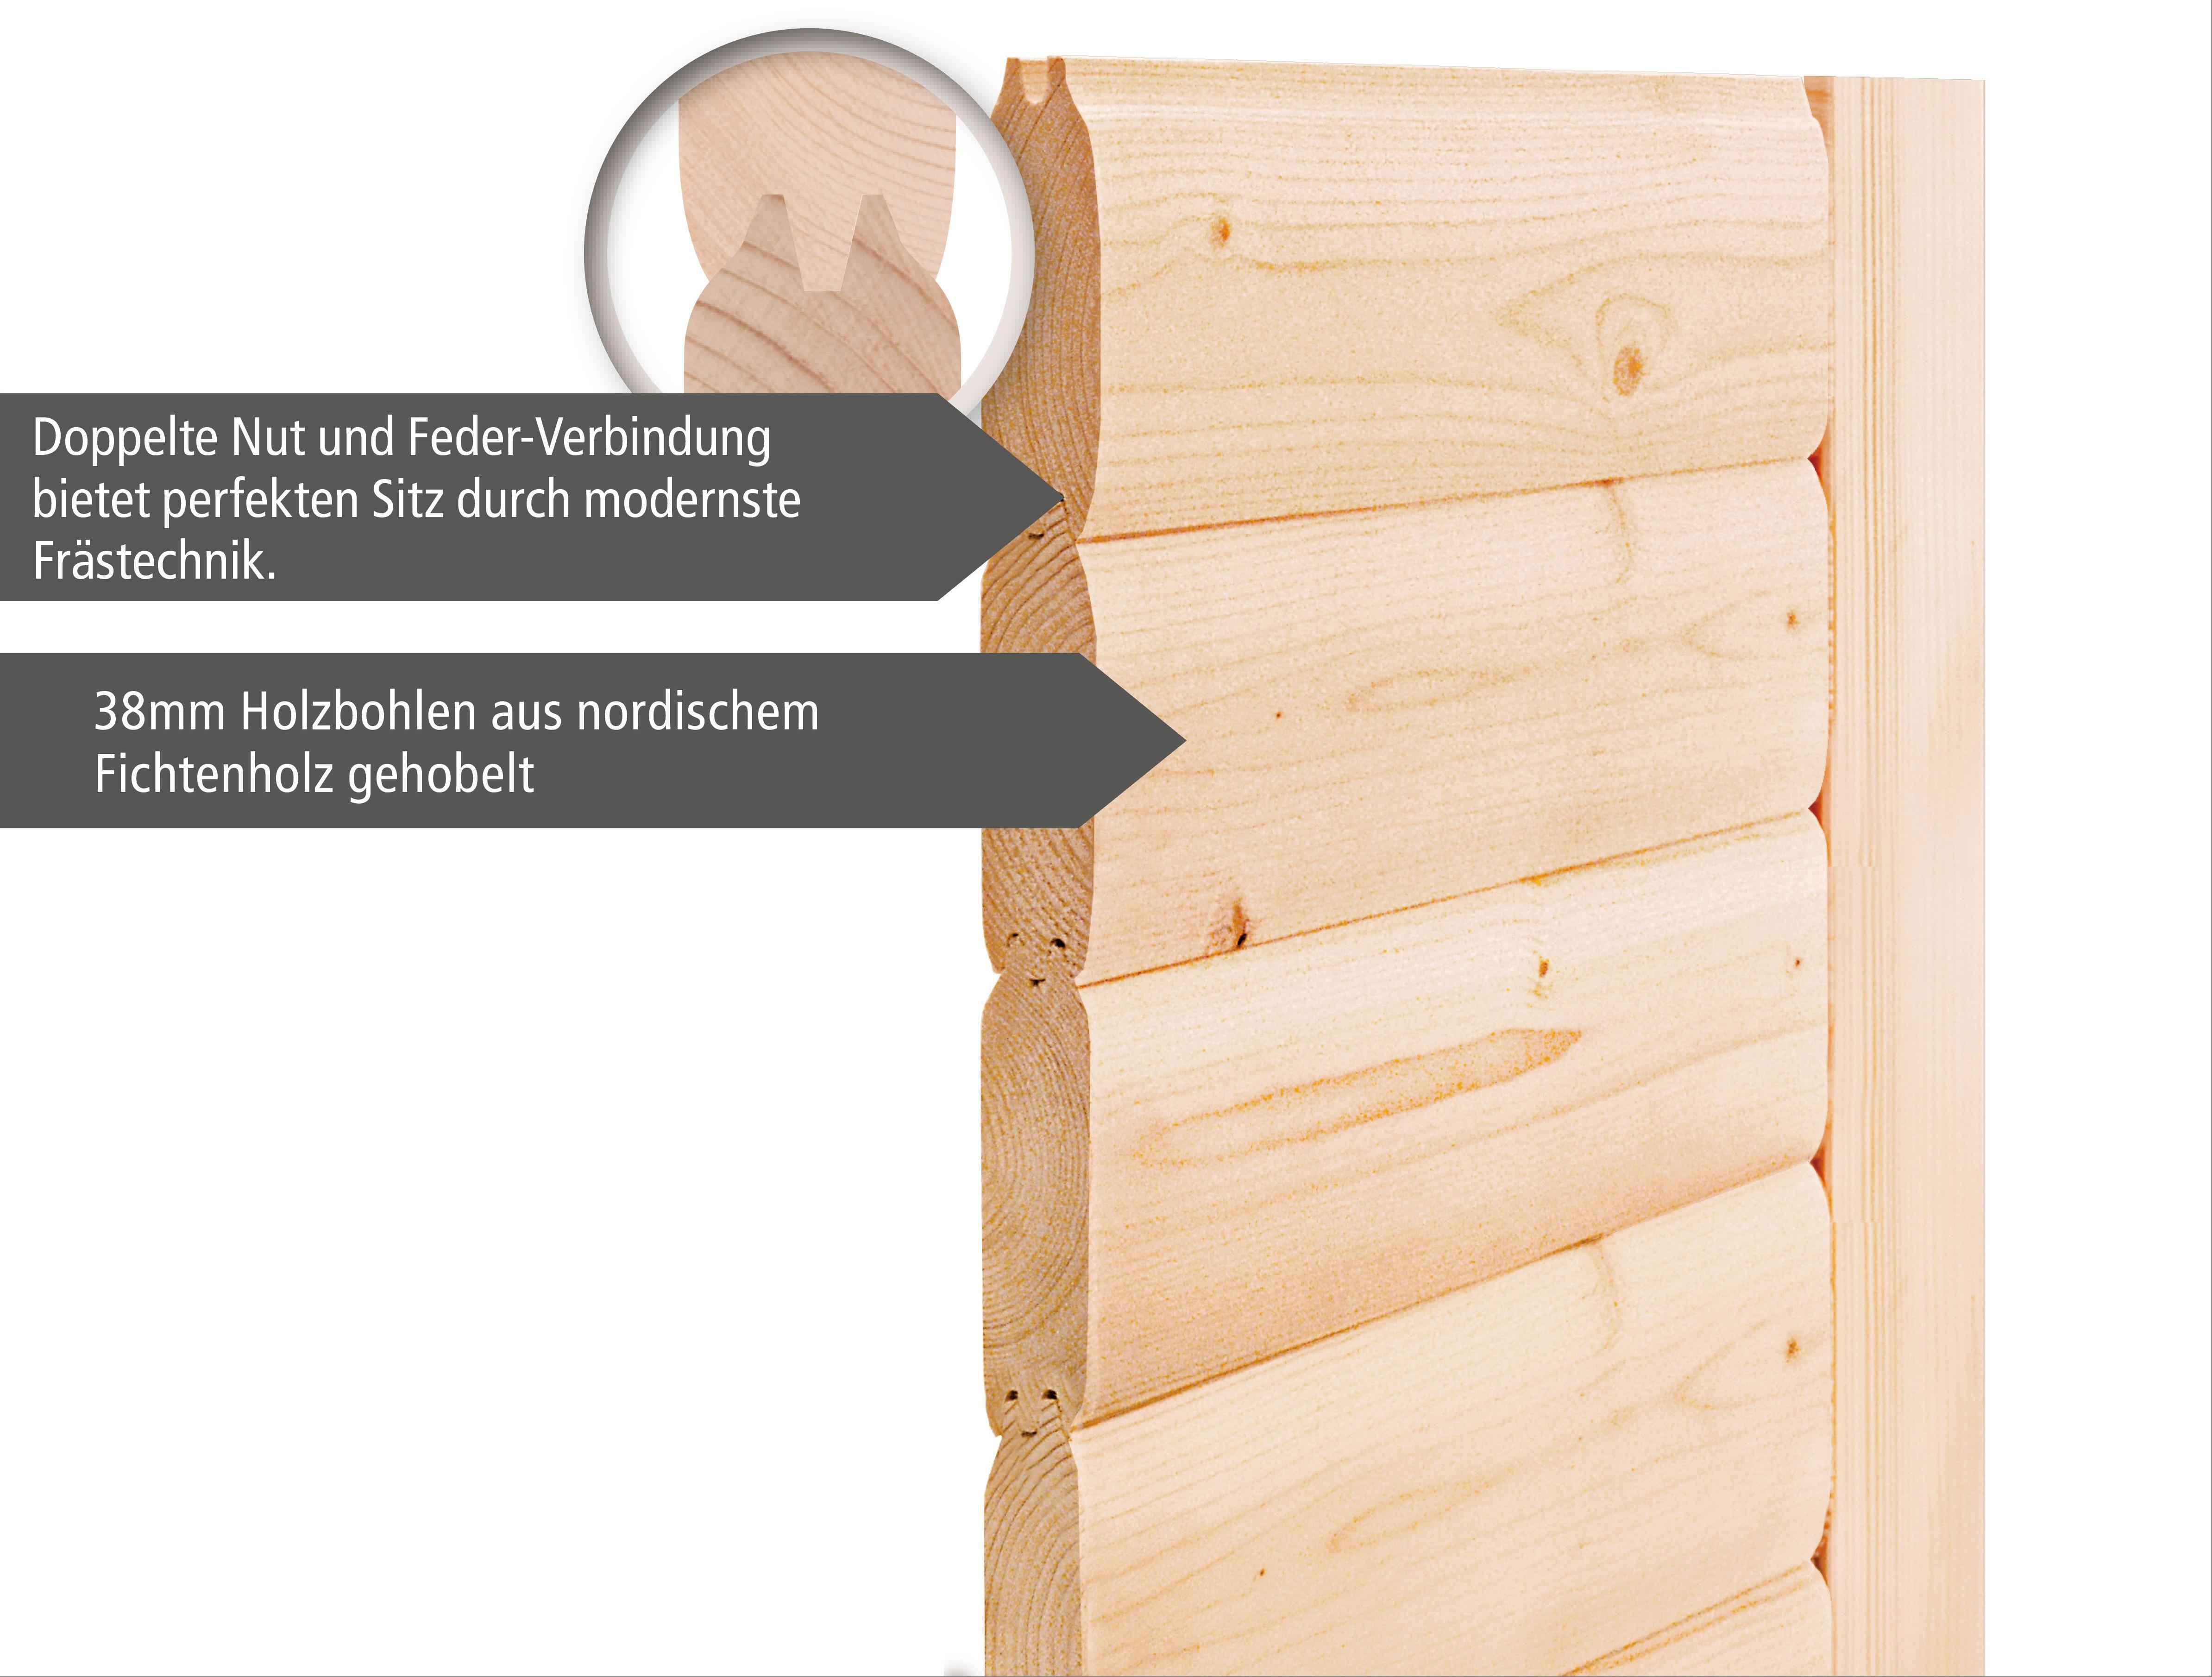 Woodfeeling Sauna Sonja 38mm mit Bio Saunaofen 9 kW extern Classic Tür Bild 5